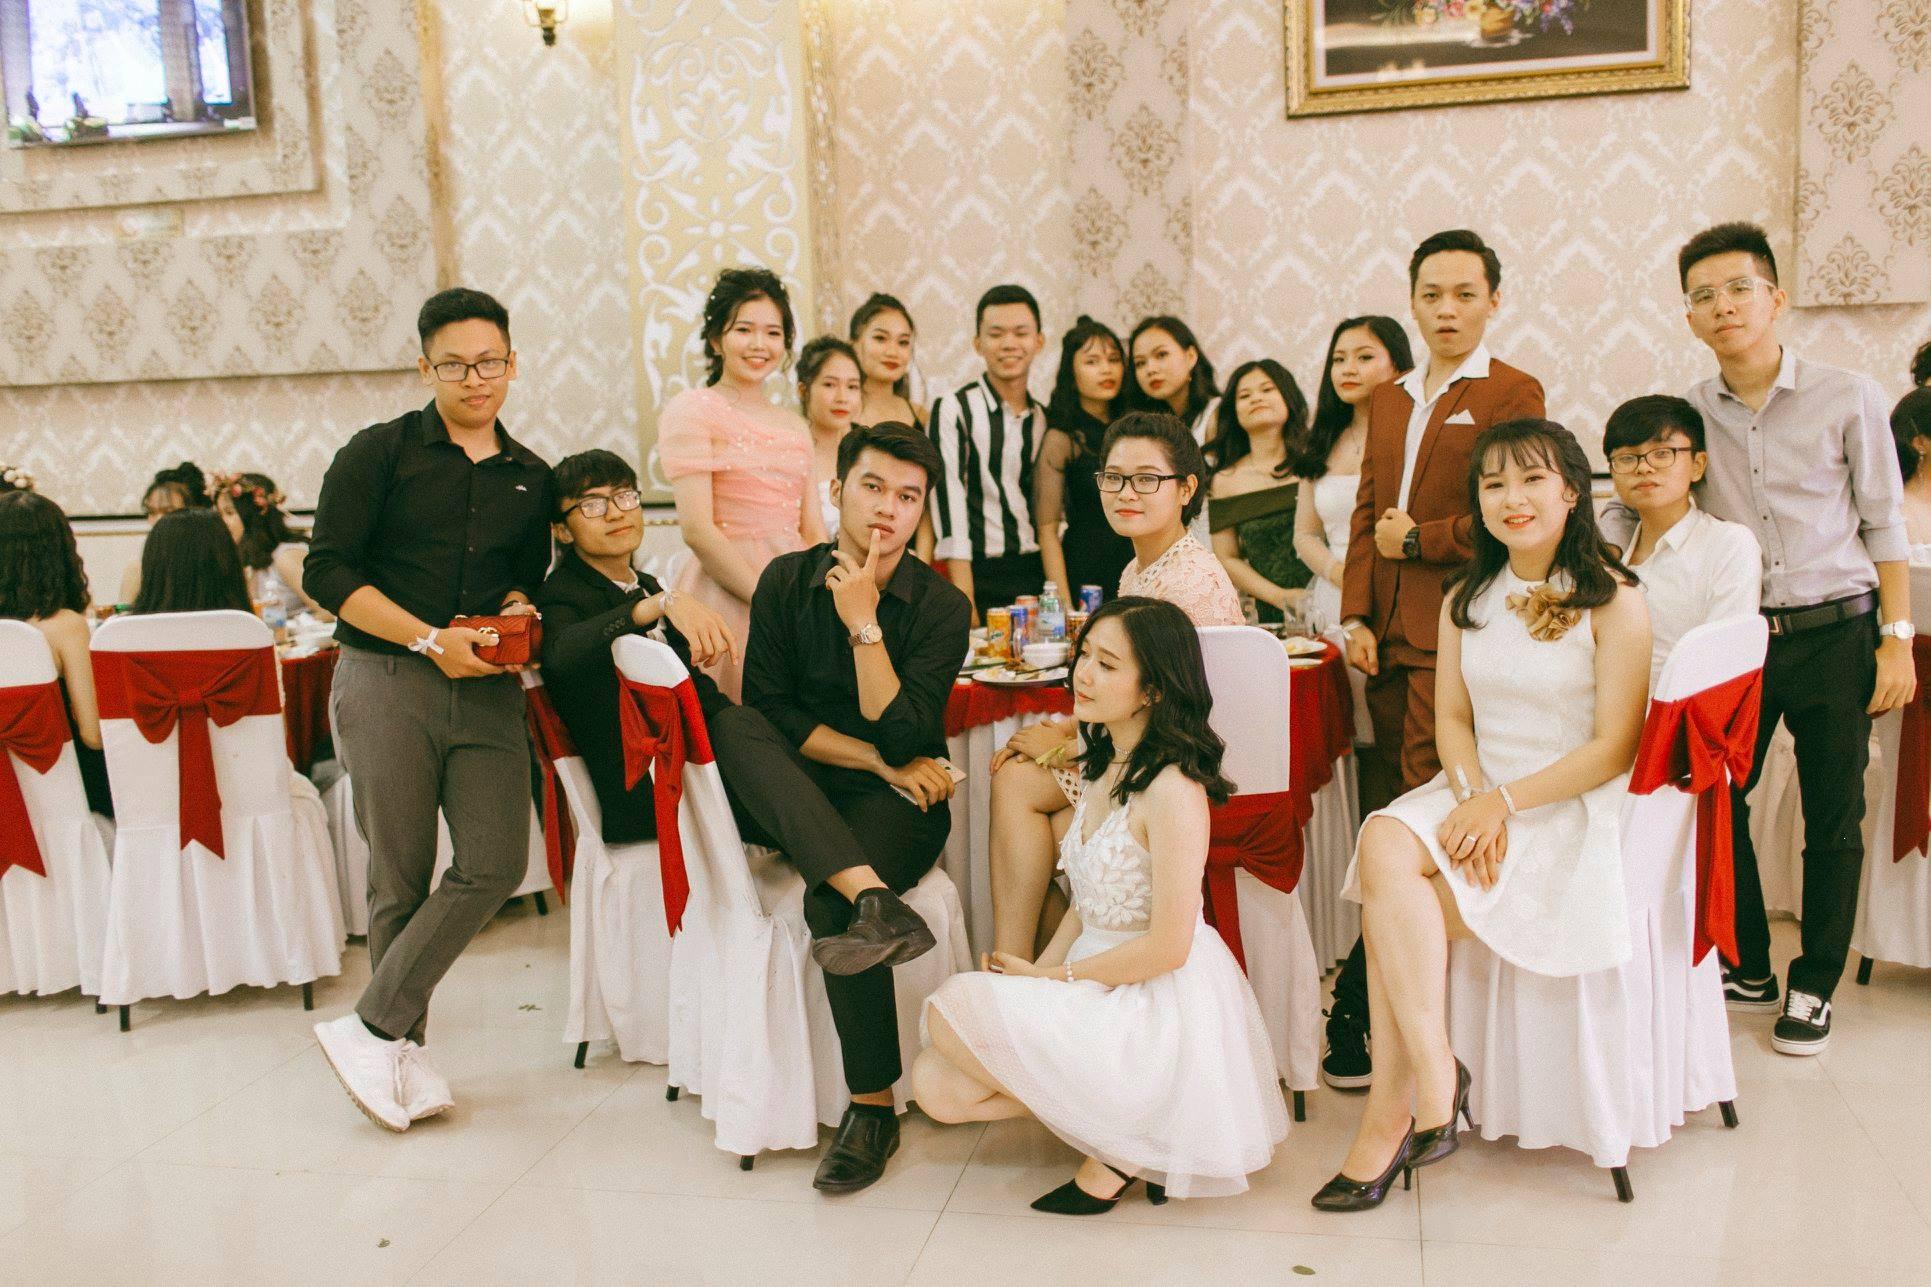 Không chỉ RMIT, trường chuyên phố núi Kon Tum cũng khiến chúng ta đã mắt với dàn trai xinh gái đẹp trong tiệc prom - Ảnh 15.